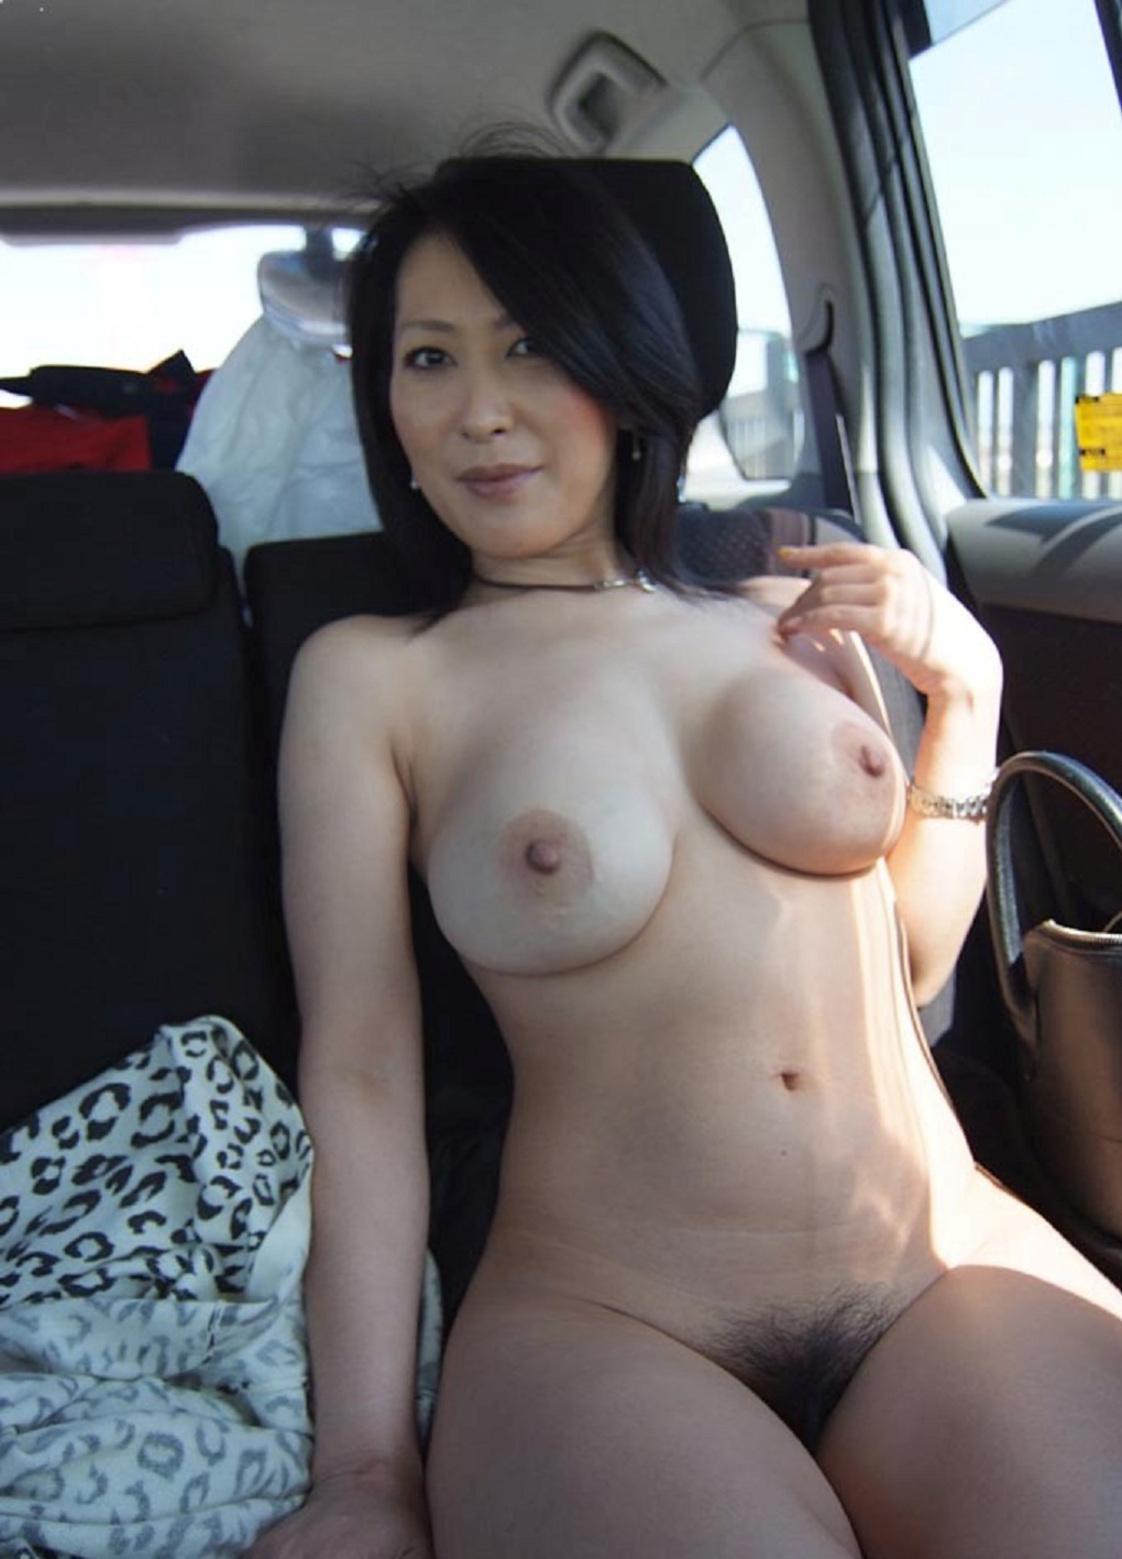 Подборка тридцатилетних проституток с округлыми титьками